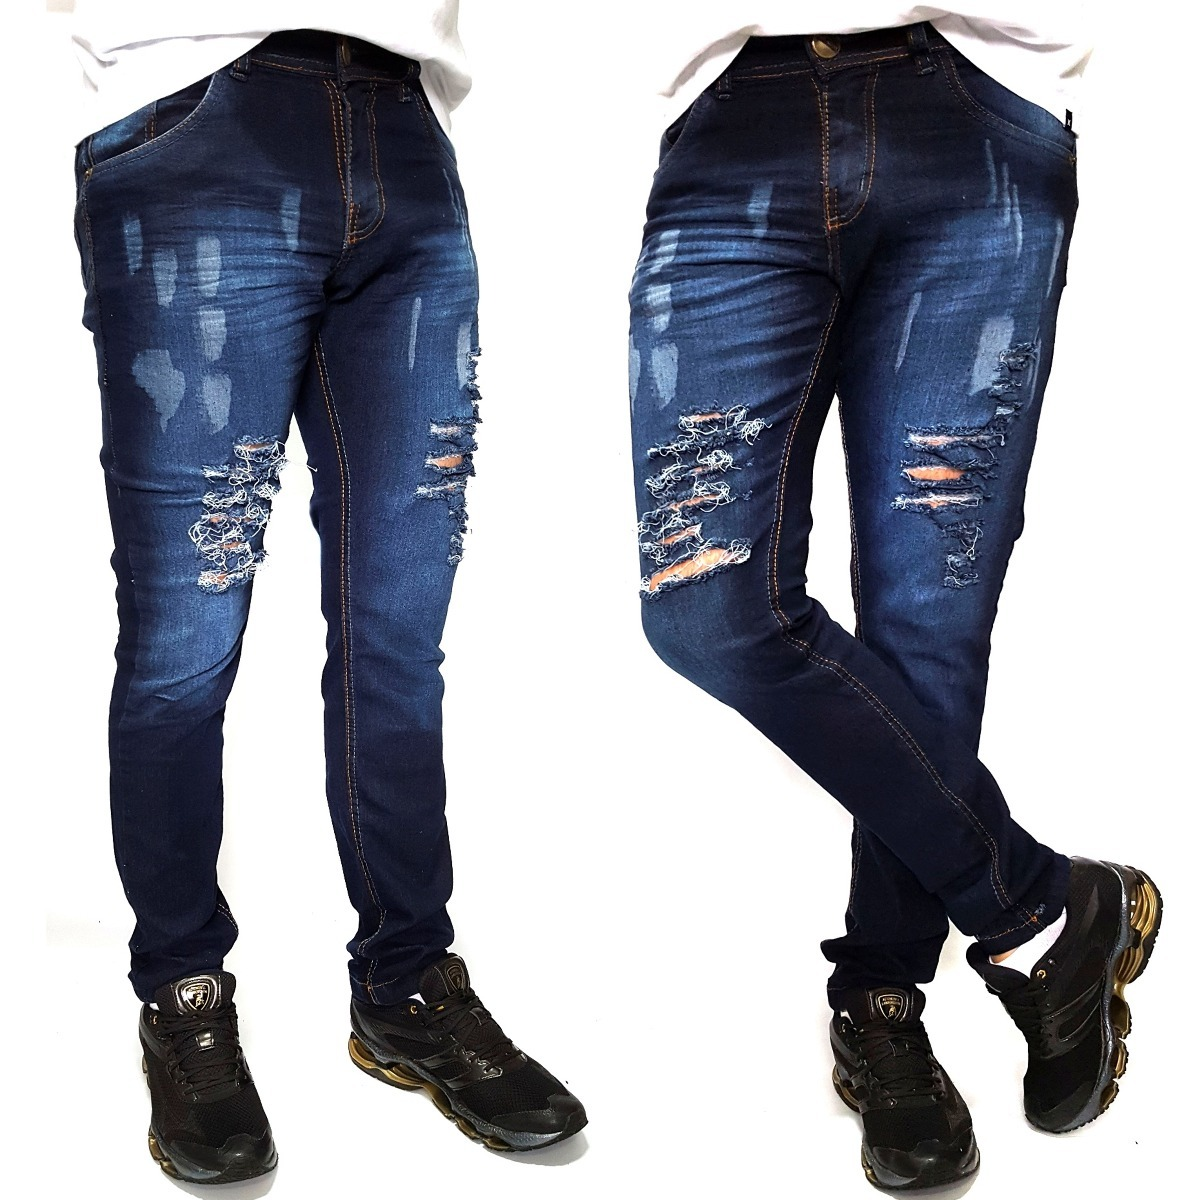 e9f70aede calça masculina skinny com lycra azul claro azul manchada. Carregando zoom.